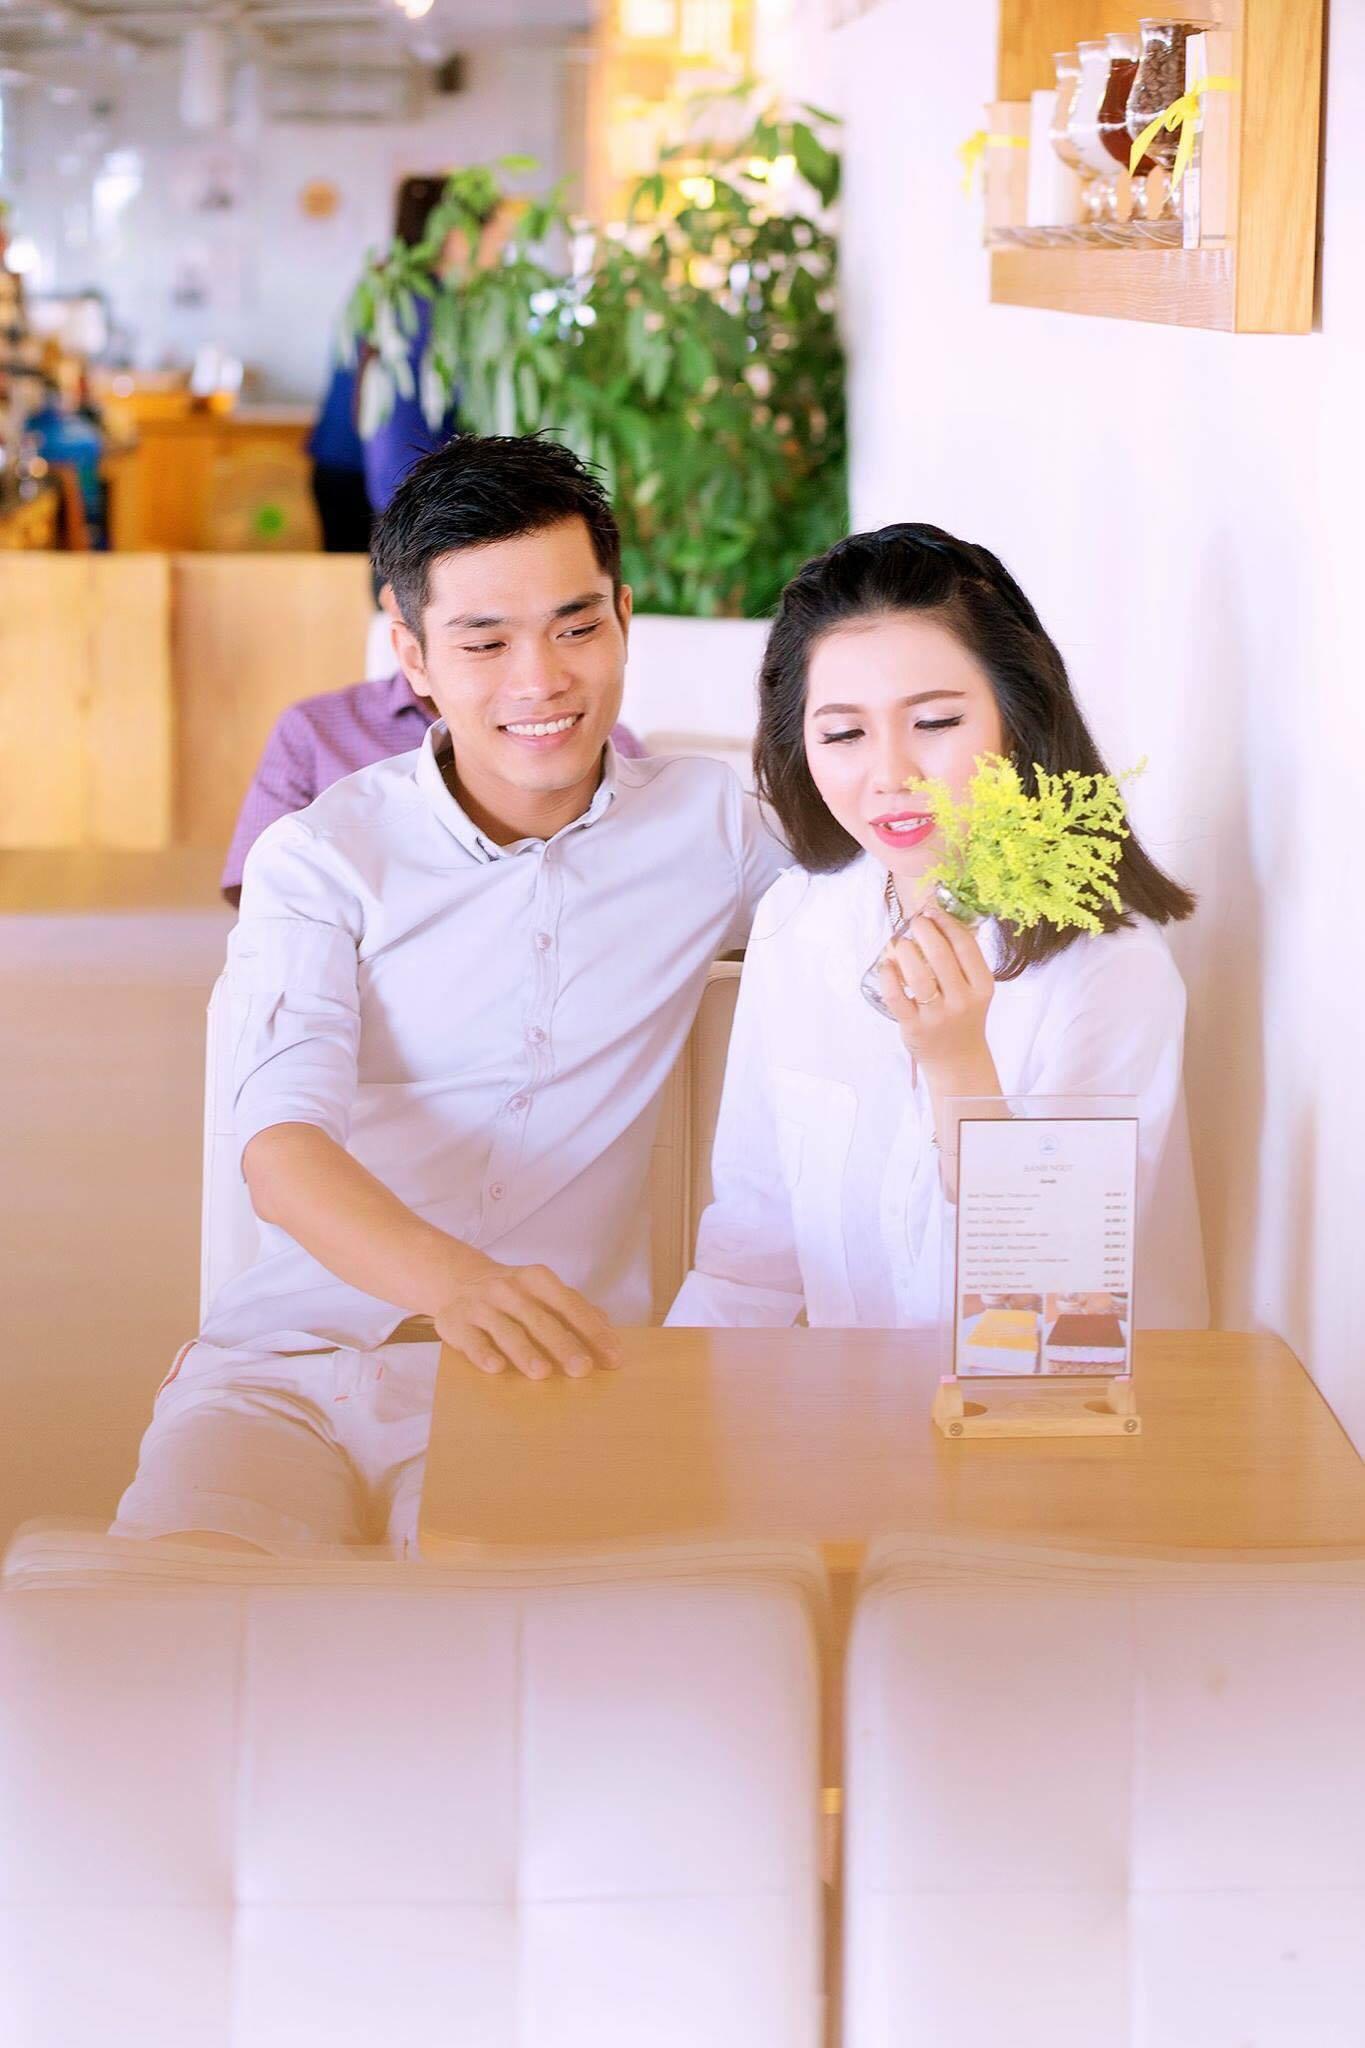 Tìm thấy tình yêu thất lạc sau 4 năm nhờ Bạn muốn hẹn hò, chàng trai nói một câu khiến cô gái đồng ý kết hôn ngay lập tức - Ảnh 3.